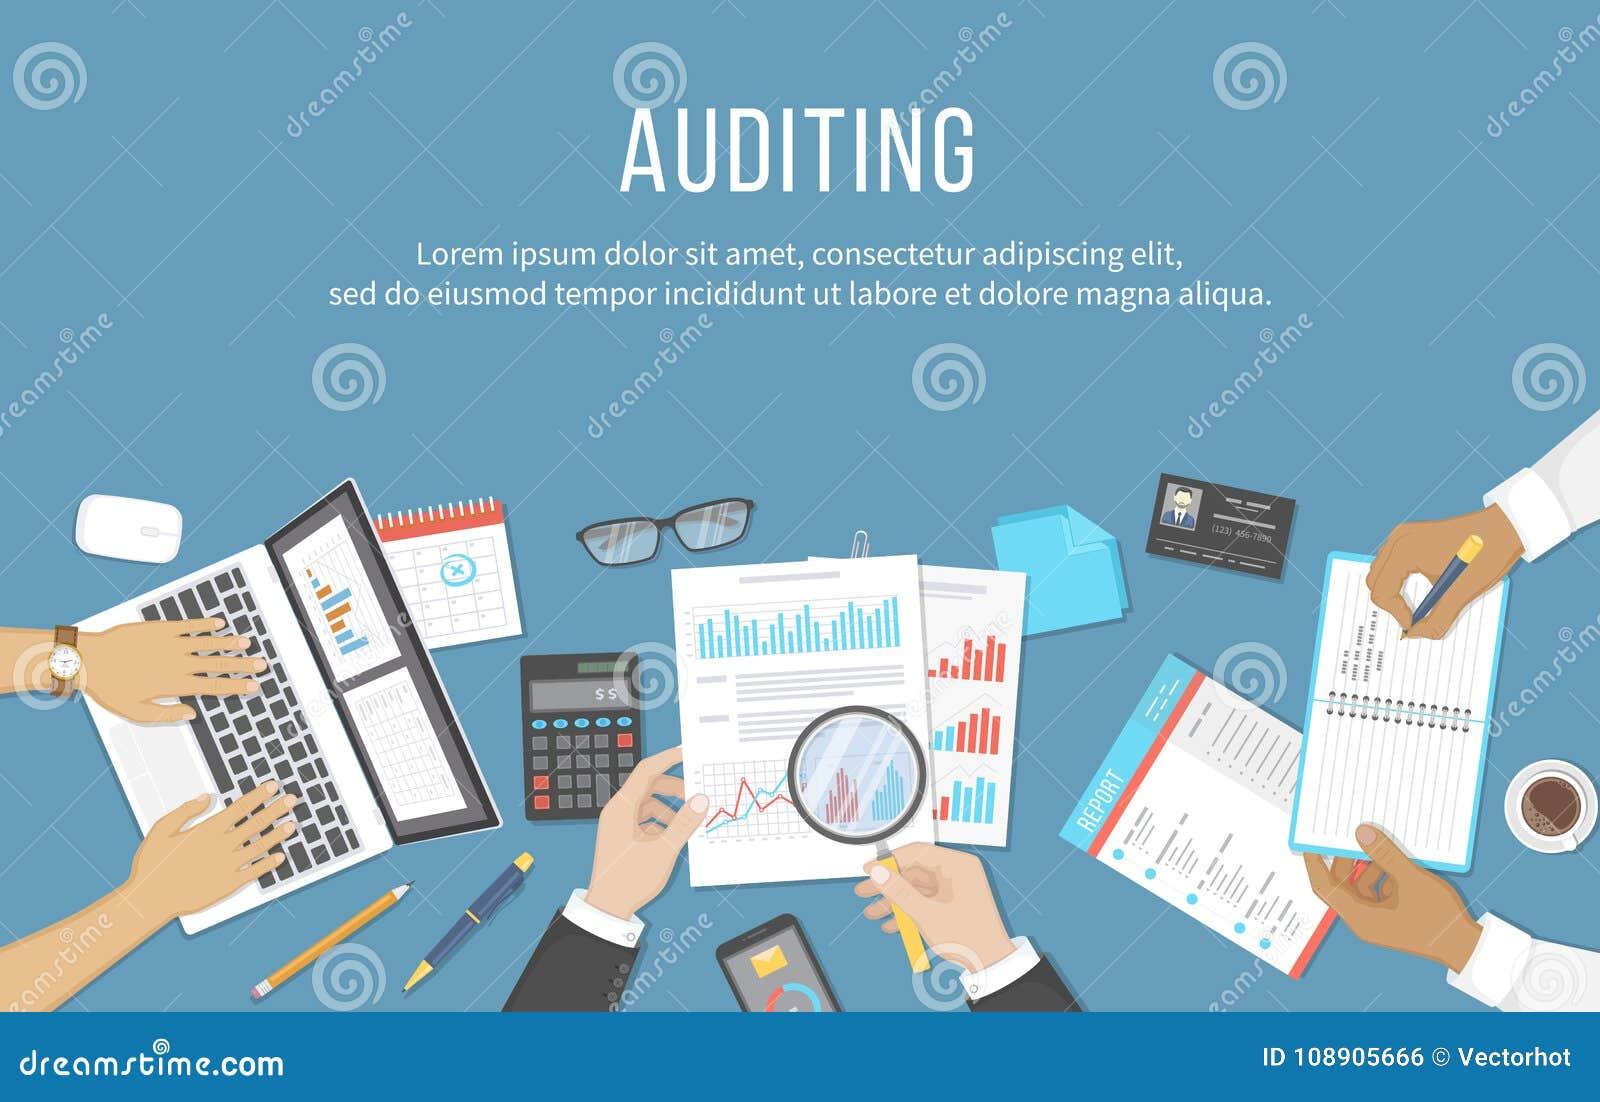 业务会议,审计,演算,数据分析,报告,会计 书桌的人们在工作